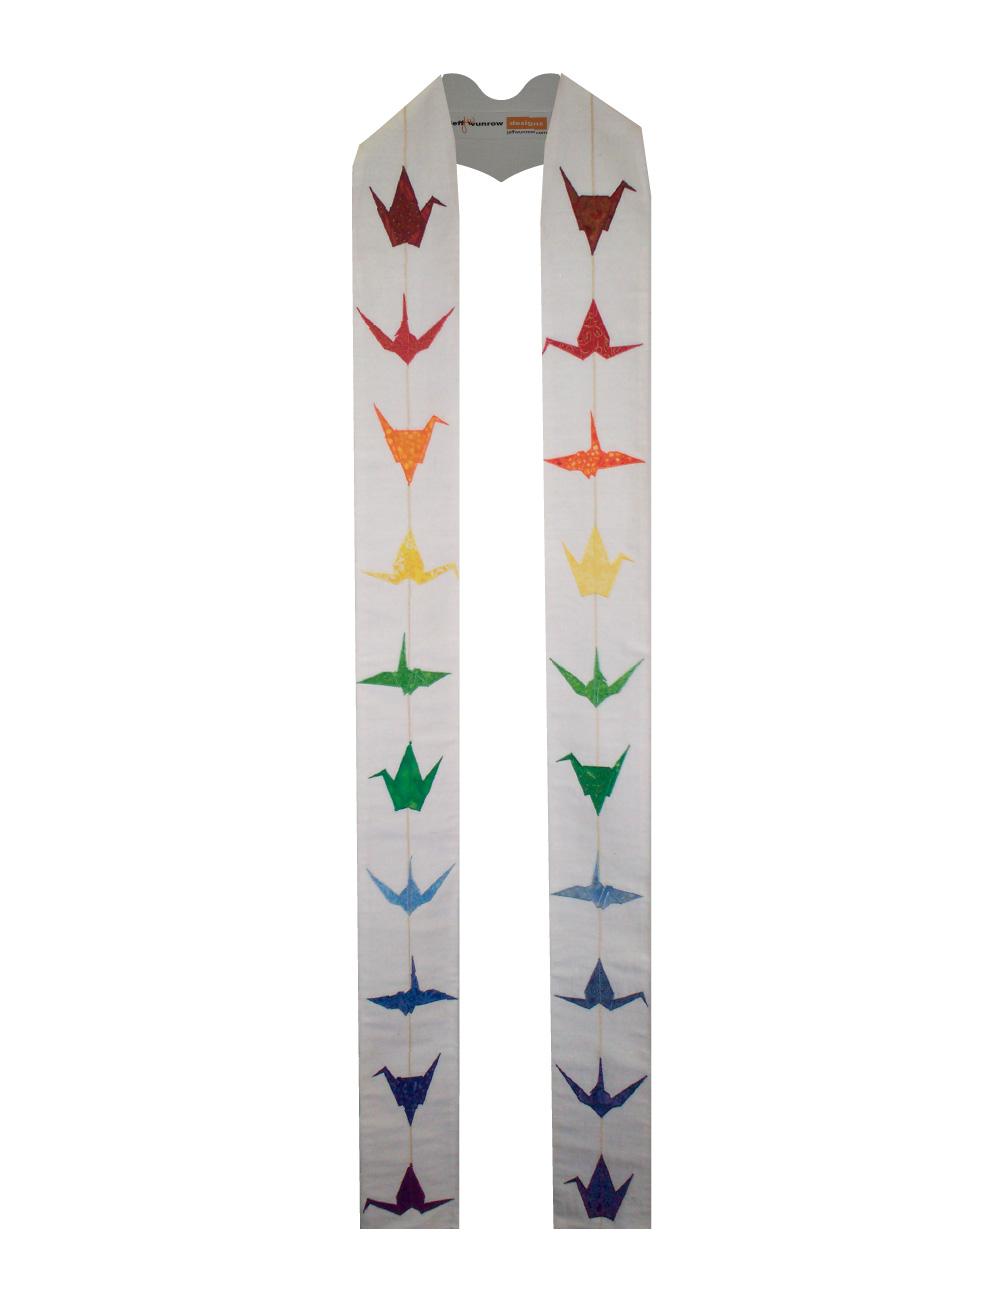 Contemporary White Multi-Season Origami Crane Clergy Stole